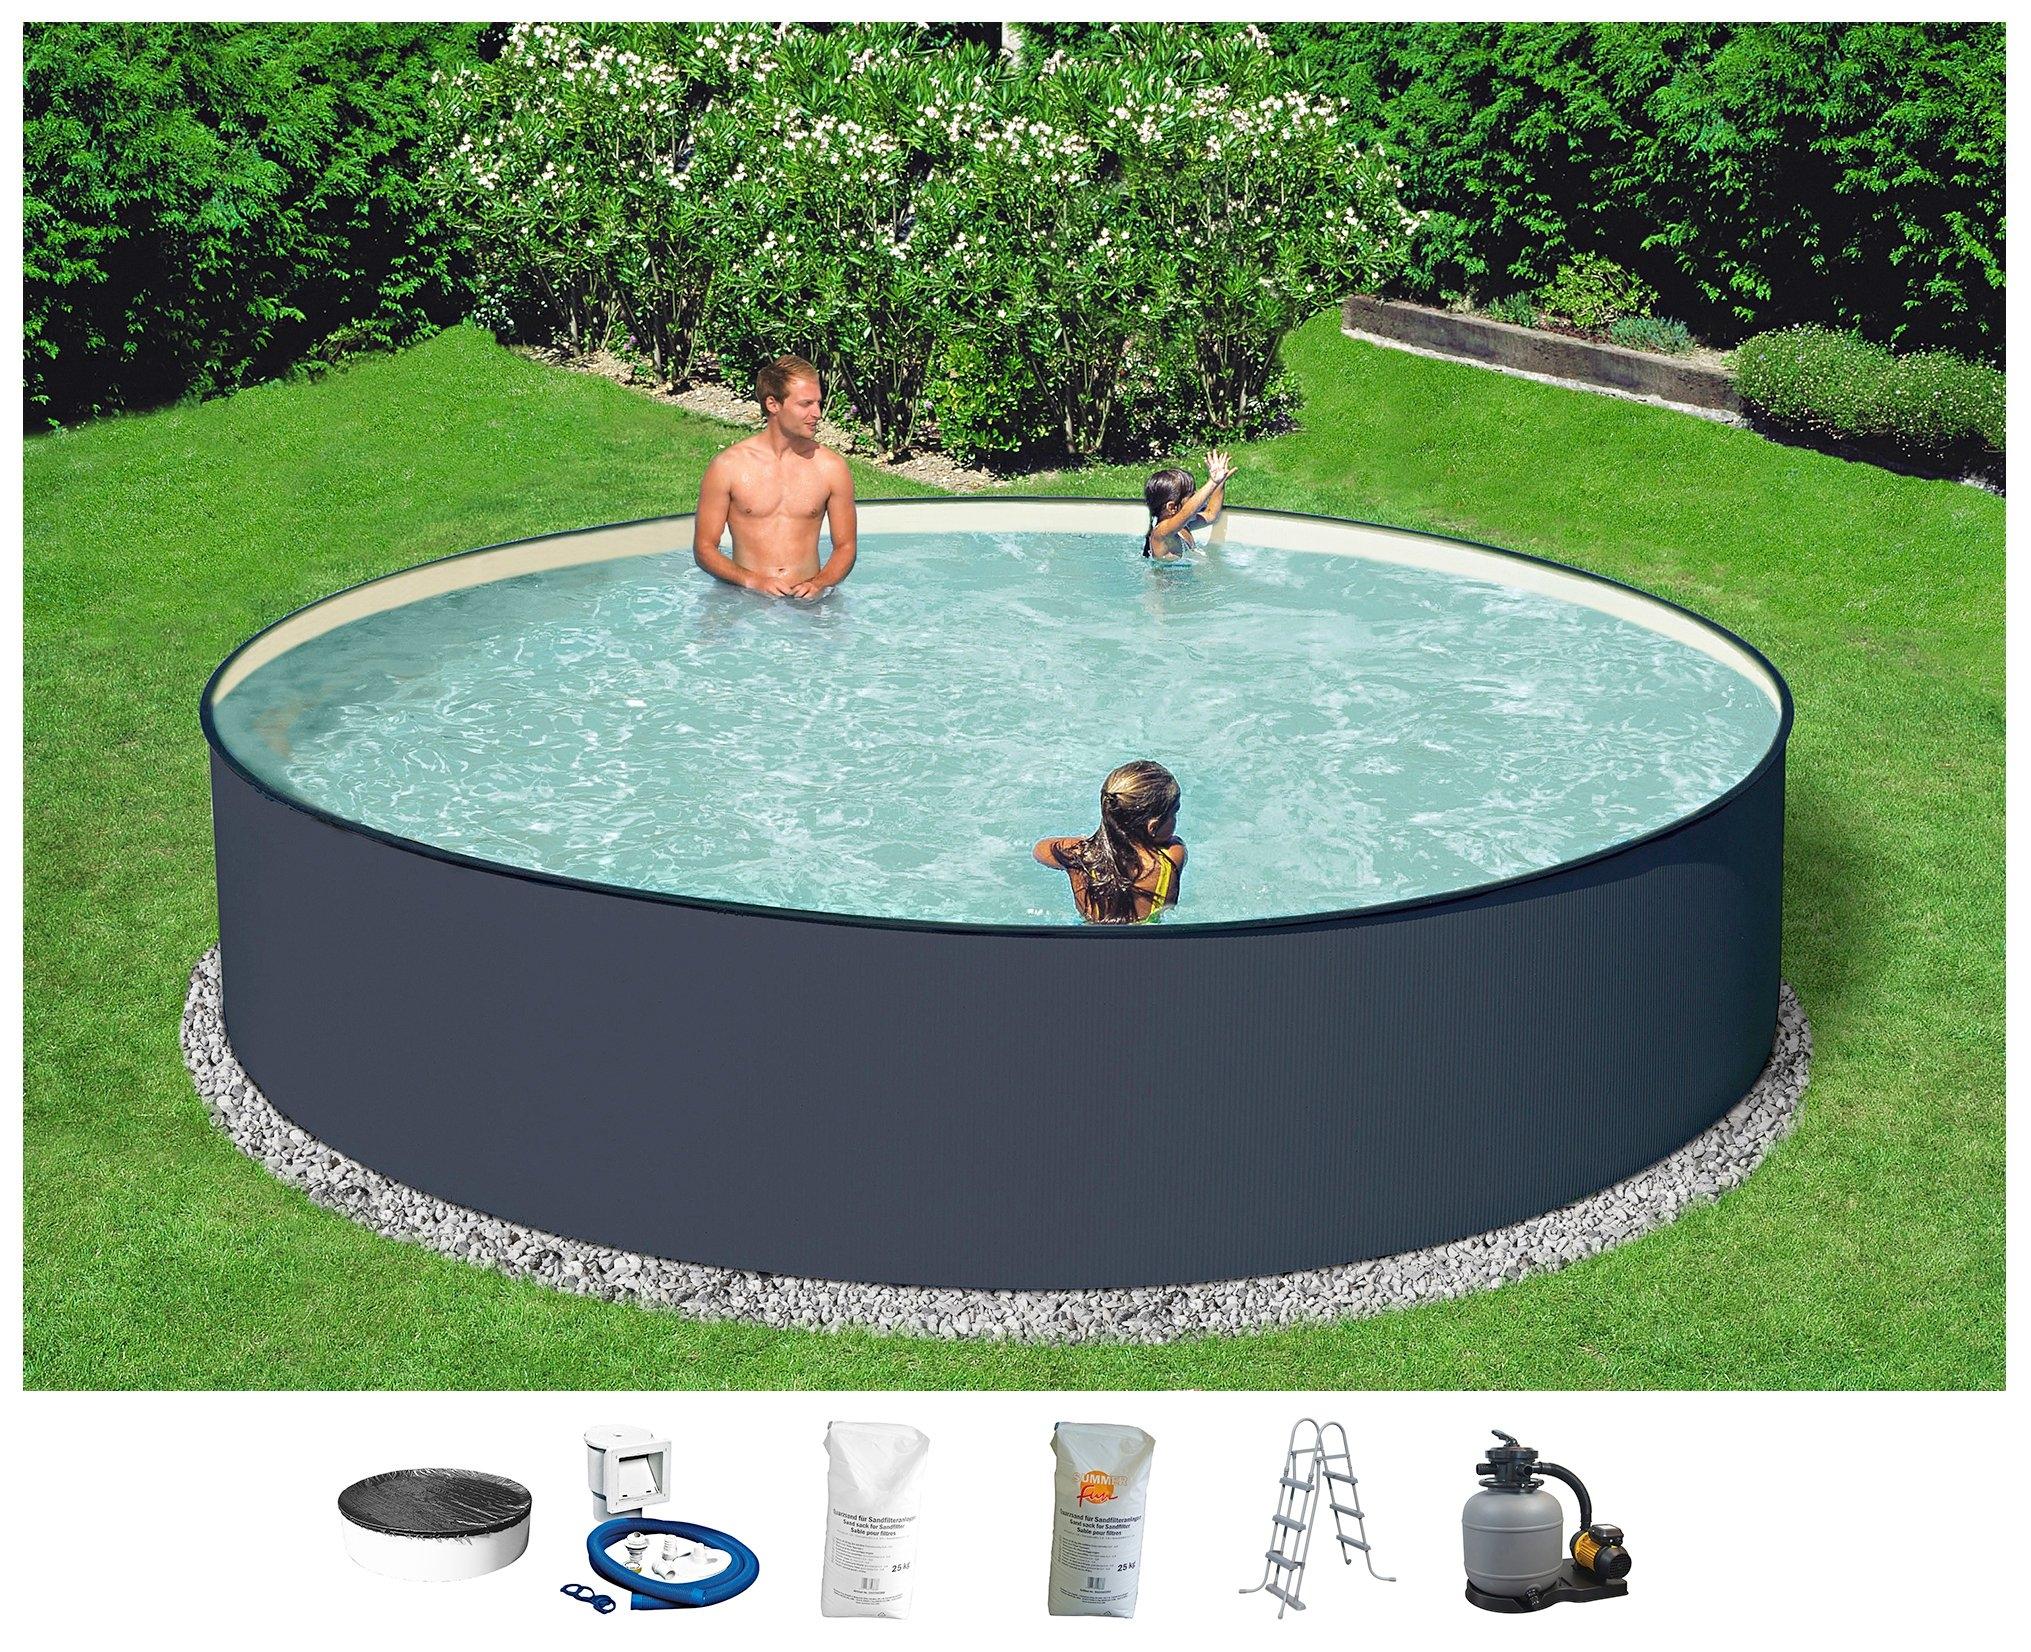 Hanseatic Rond zwembad »Set: rond zwembad antraciet met veiligheidstrap en zandfilterinstallatie (6-dlg.)« online kopen op otto.nl